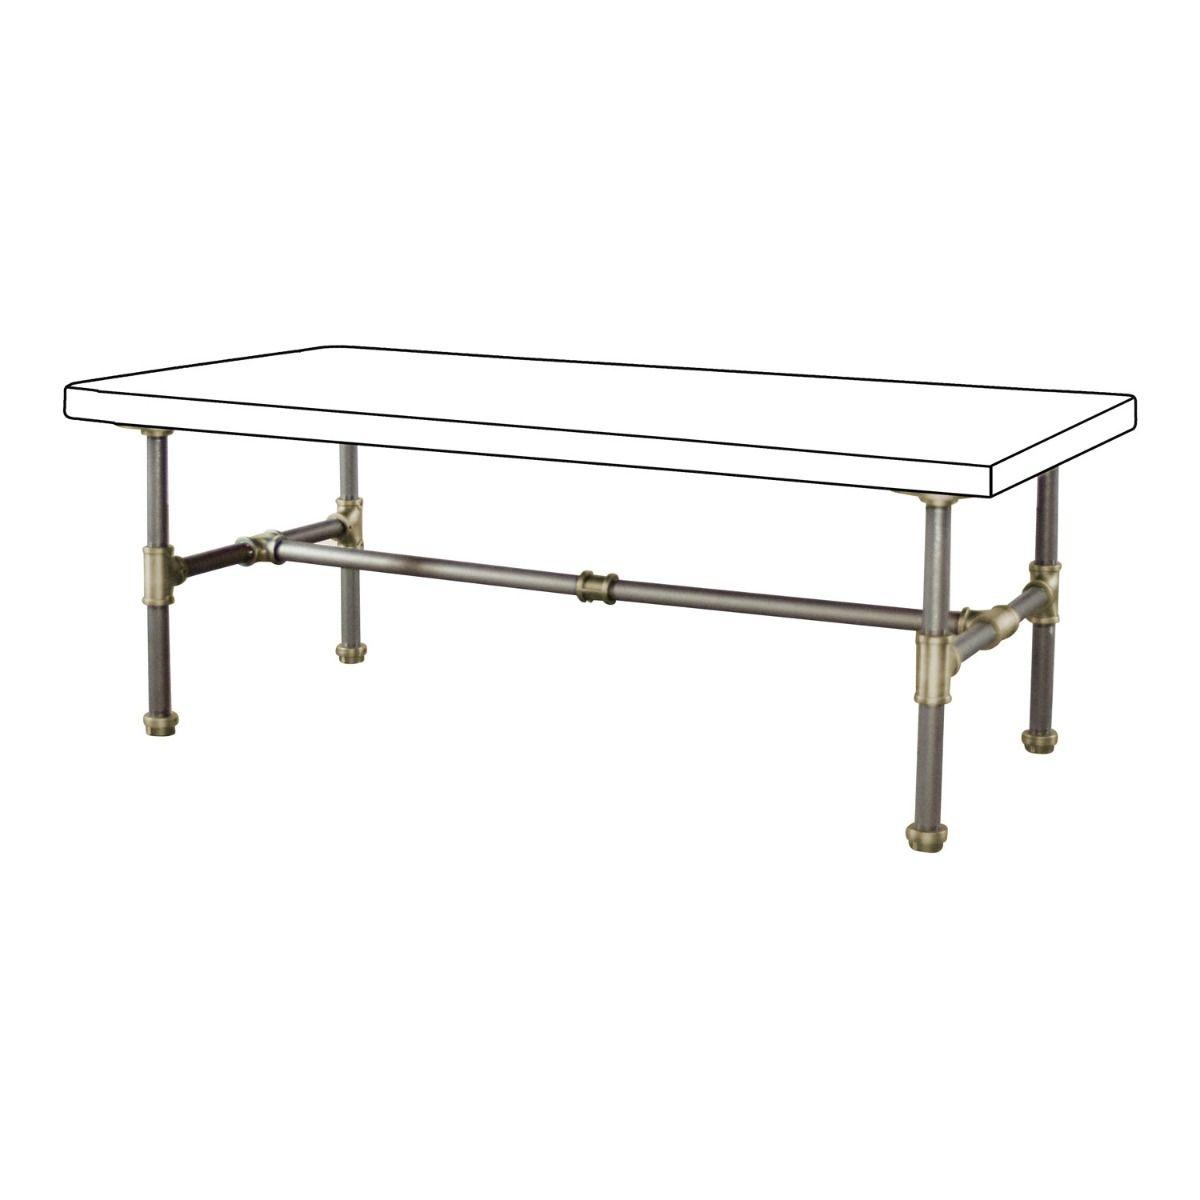 Corvallis Diy Coffee Table Metal Frame Pipe Furniture Kit